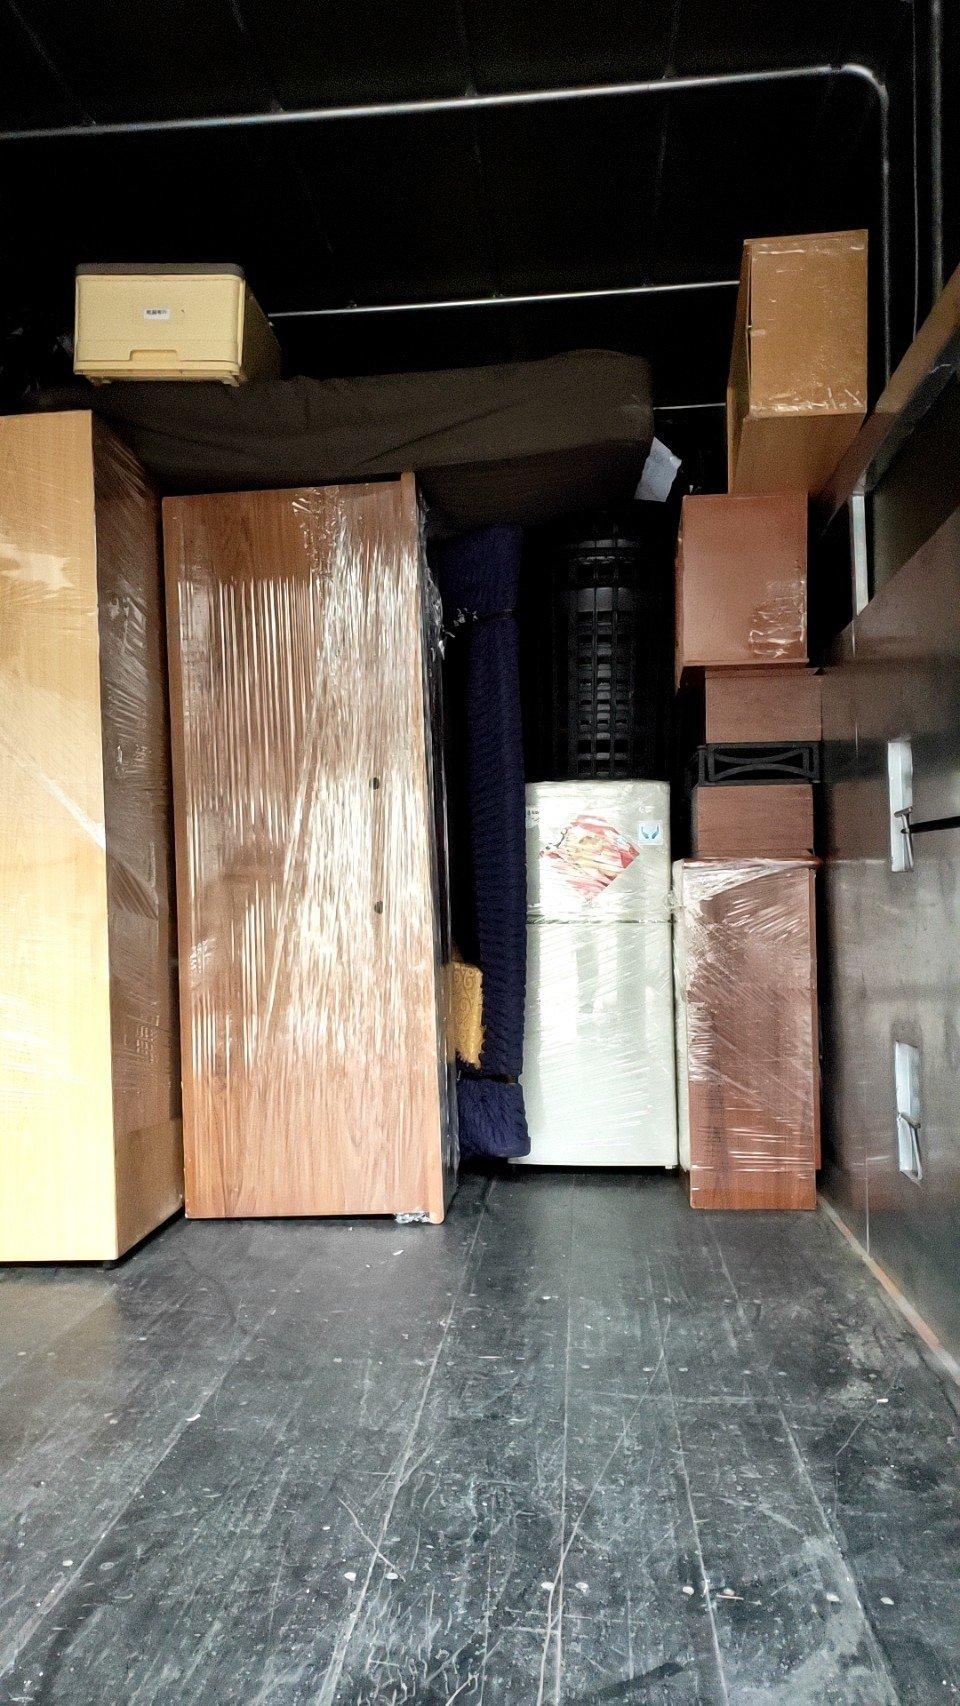 搬家公司推薦【榮福搬家公司】精搬魚缸、跨縣搬家、搬冰箱、搬家具、搬家首選、吊掛搬運、吊家具搬運、台北搬家公司推薦:大台北搬家,精緻包裝搬運「細膩包裝、專業搬運、用心服務、以客為尊」是榮福搬家公司的宗旨與精神。歡迎立即來電02-2651-2727專人服務。